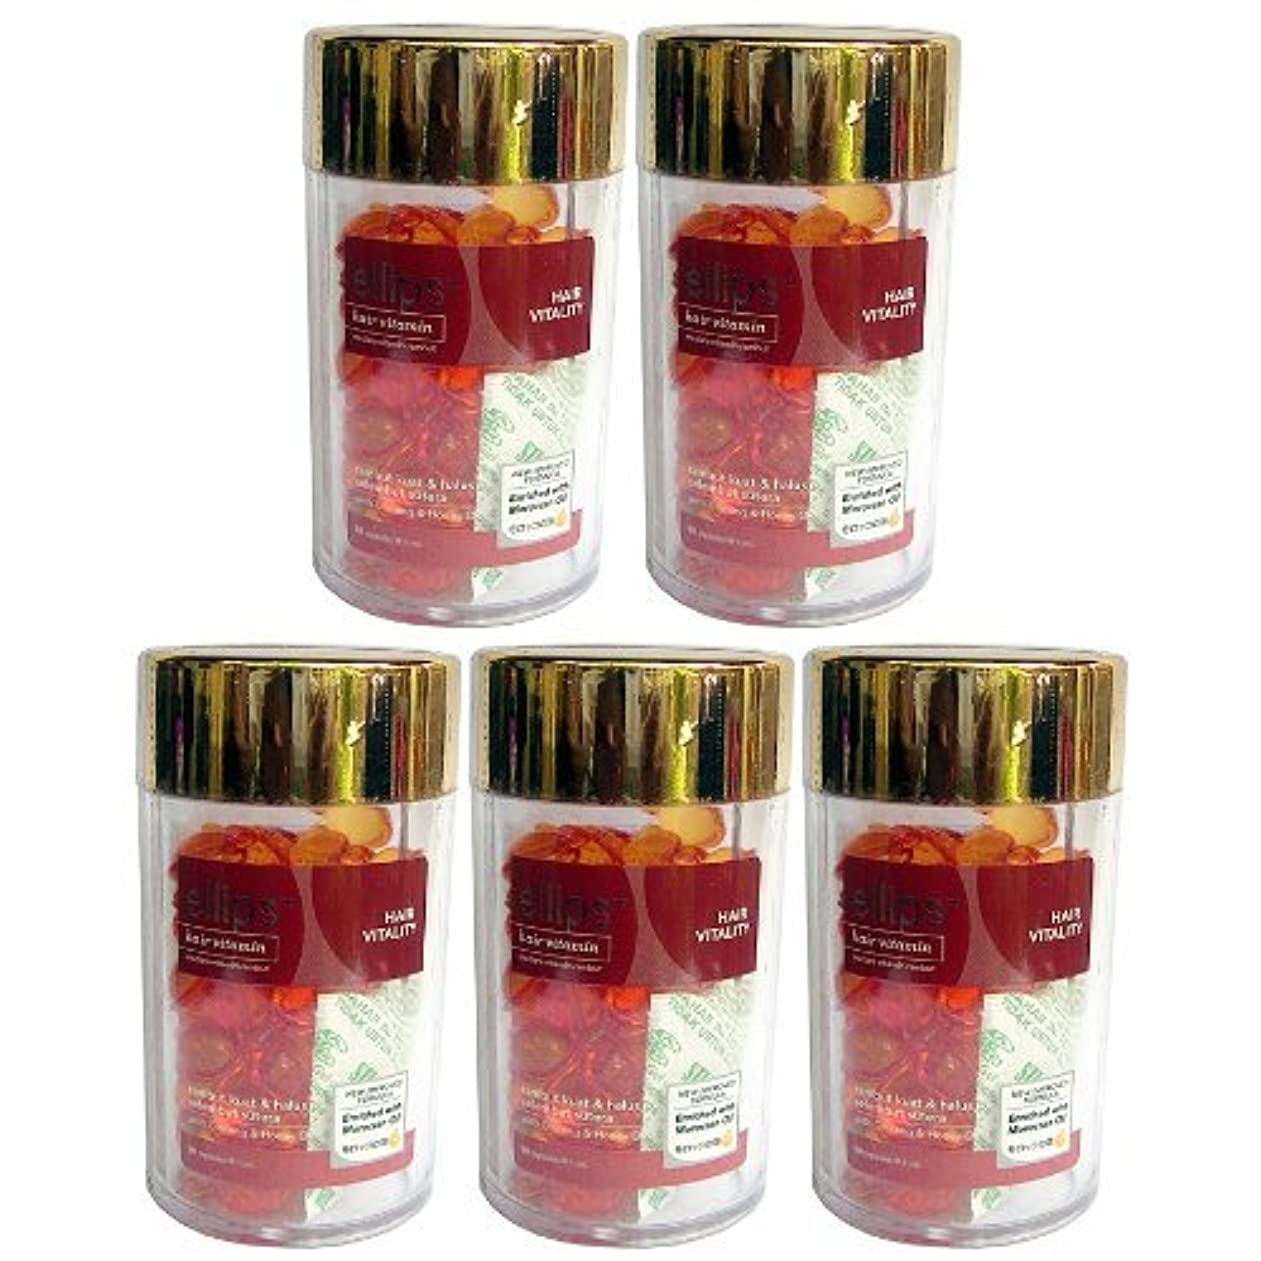 磁気レンディション誘導エリップスellipsヘアビタミン洗い流さないヘアトリートメント50粒入ボトル5本組(海外直送品)(並行輸入品) (オレンジ5本)